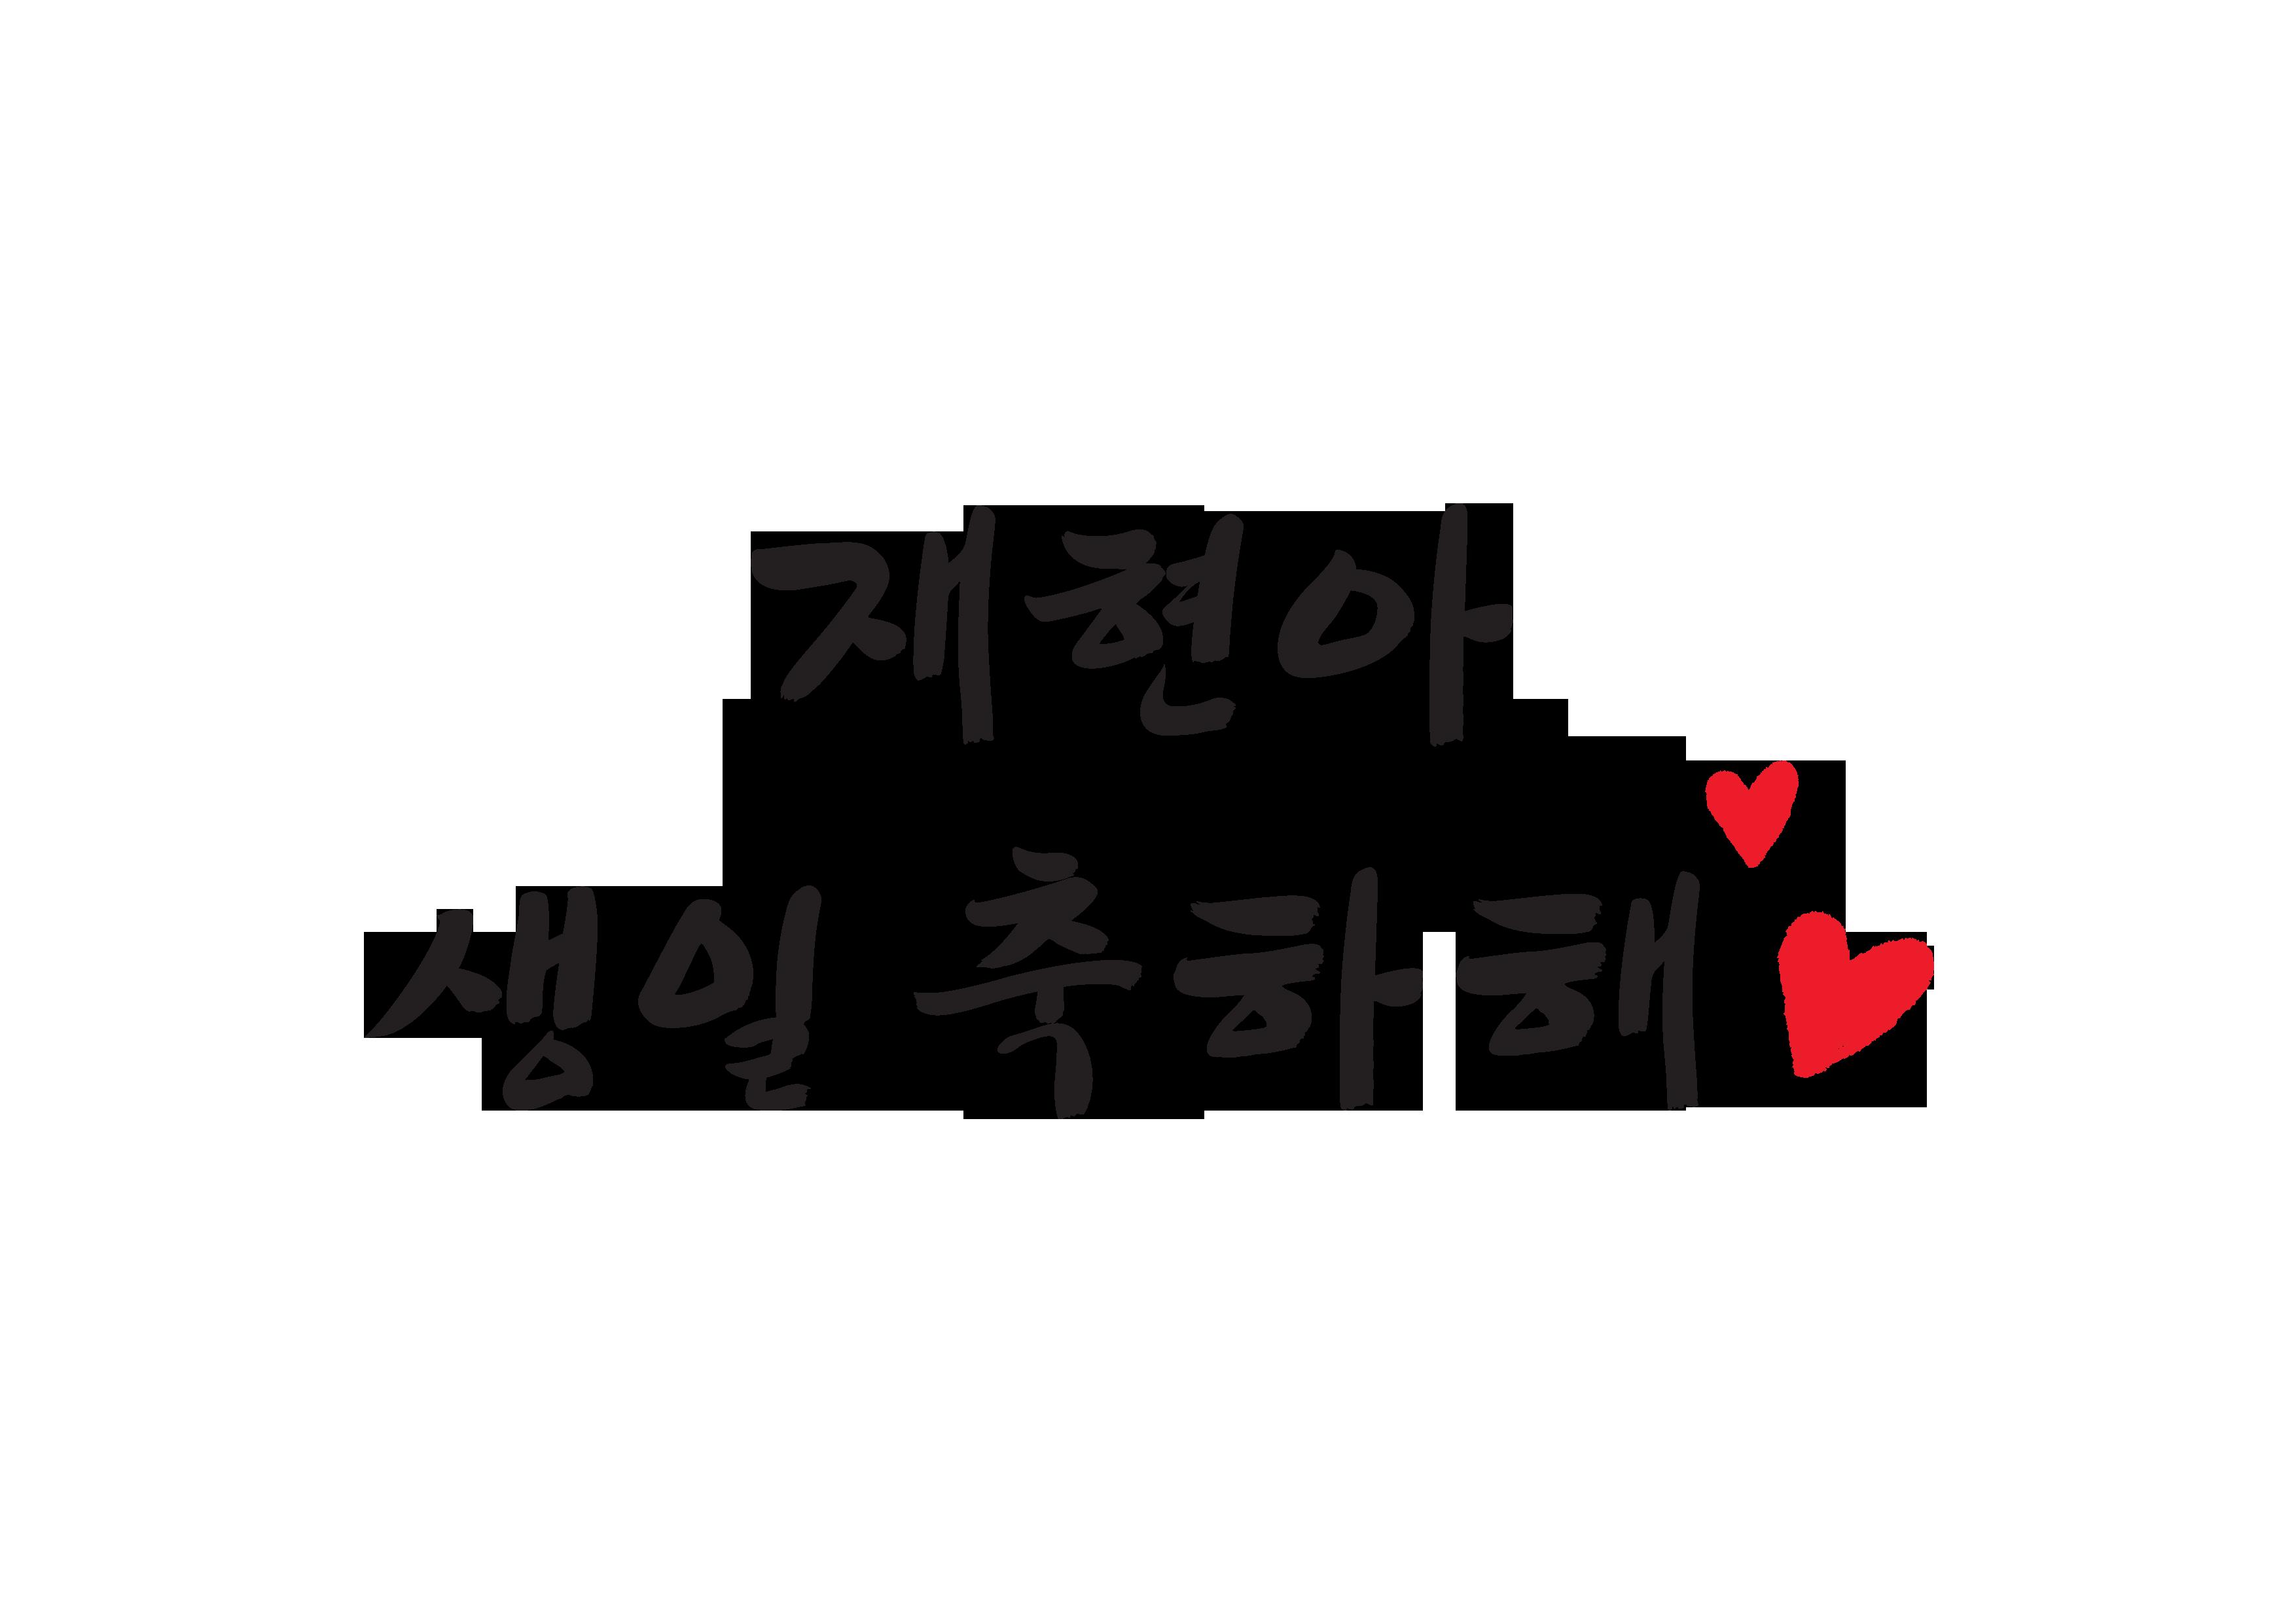 재현아 생일 축하해♥